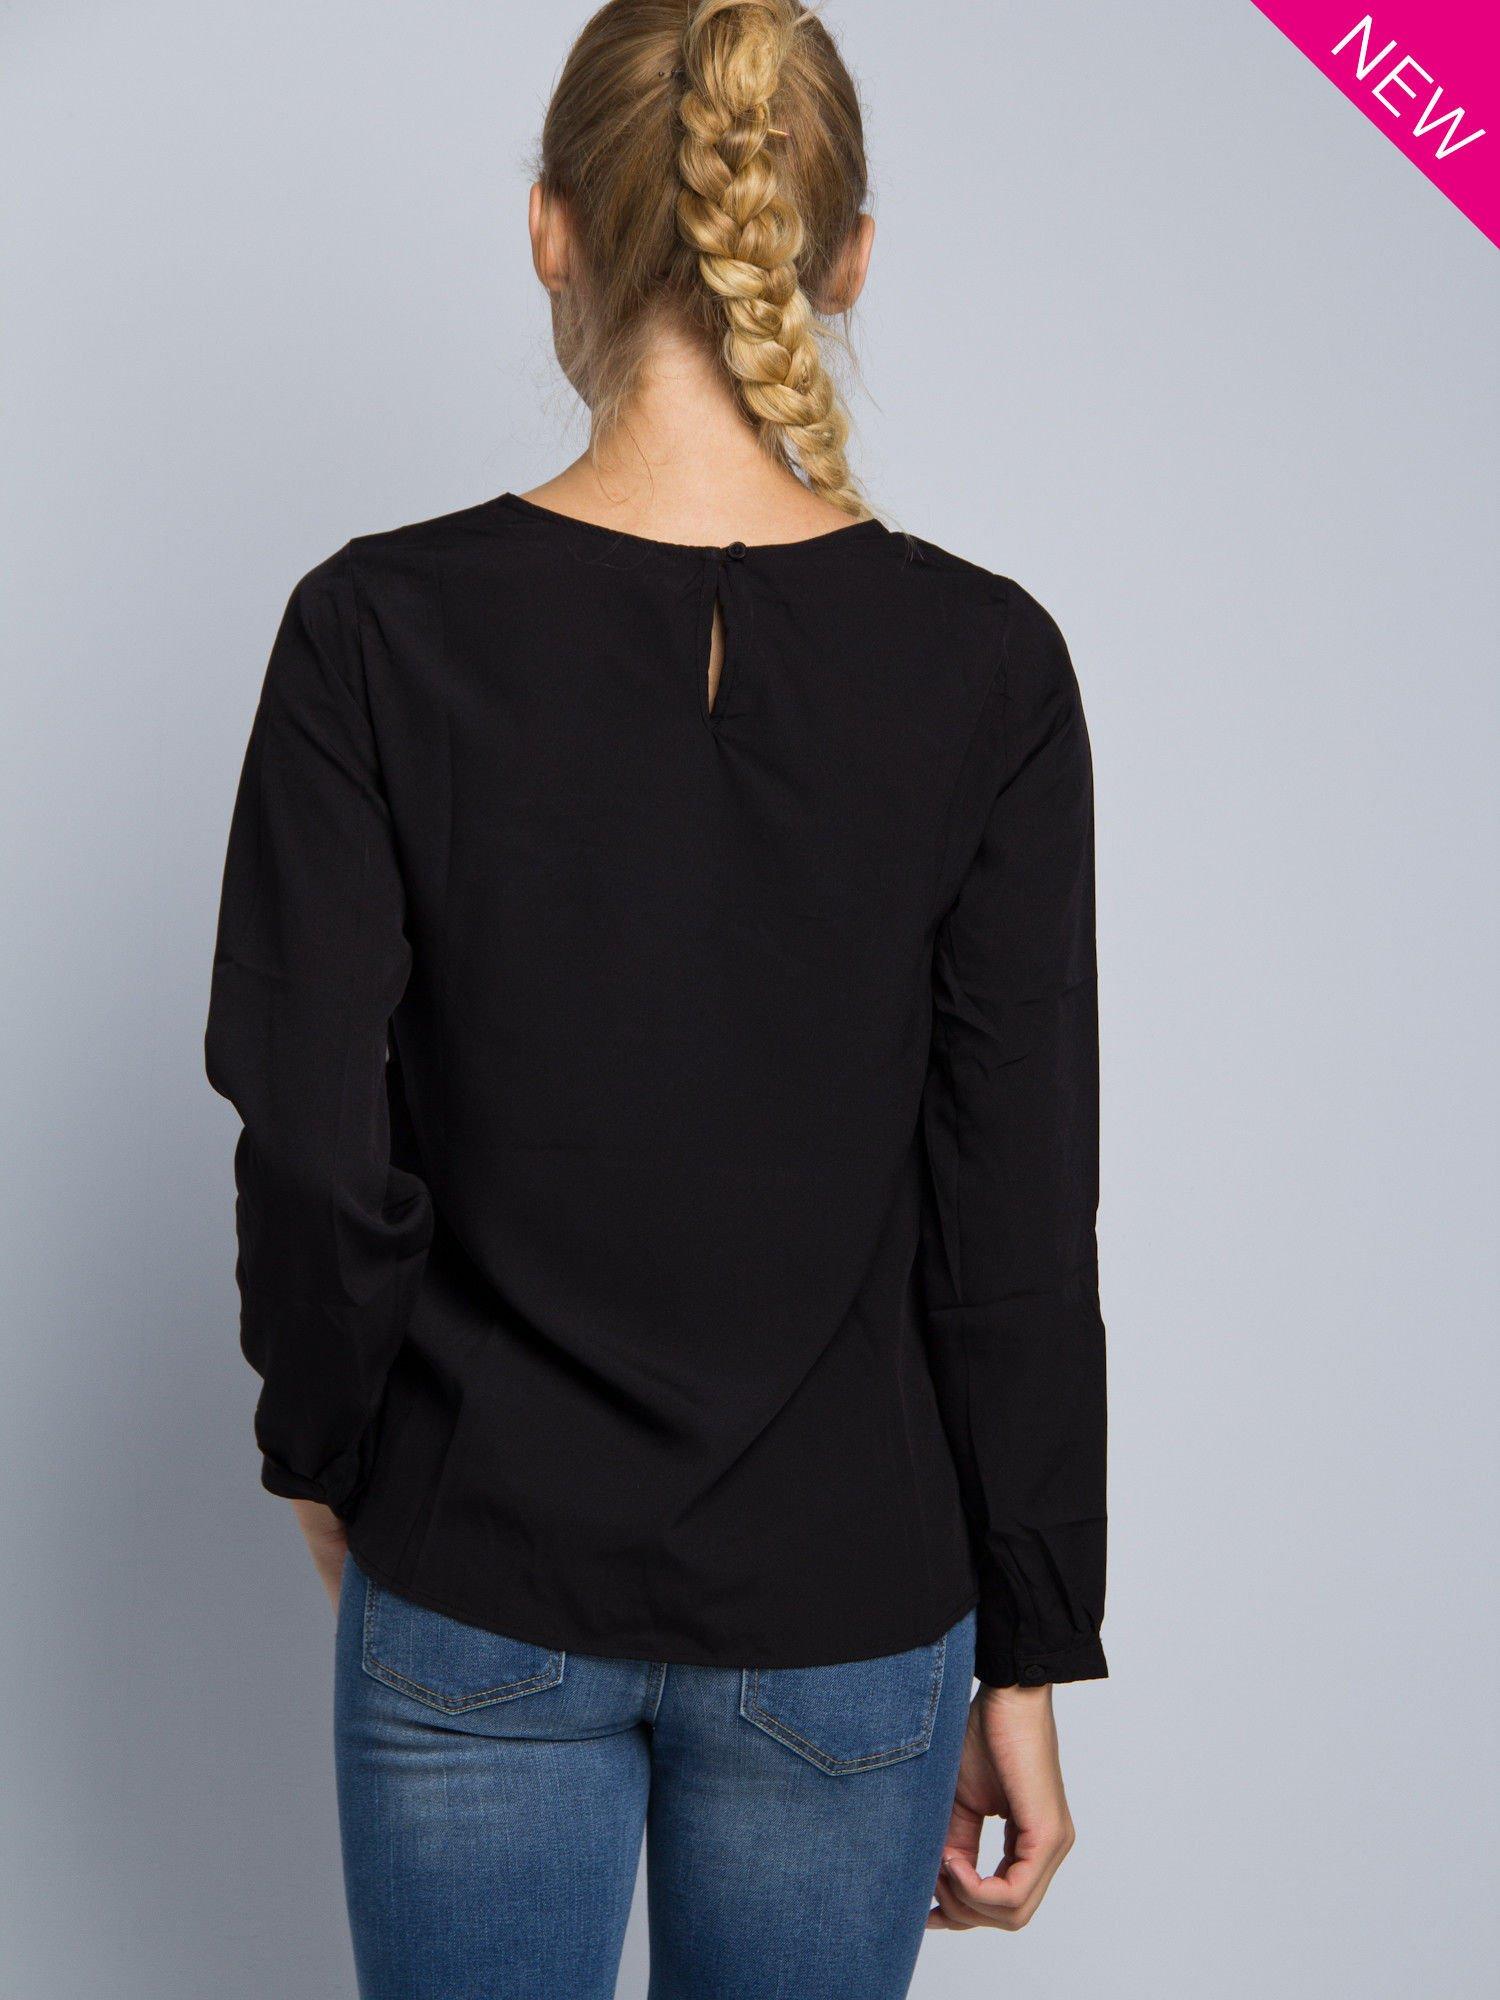 Biała koszula z kontrastowymi rękawami i czarnym pasem z przodu ozdobionym dżetami                                  zdj.                                  5